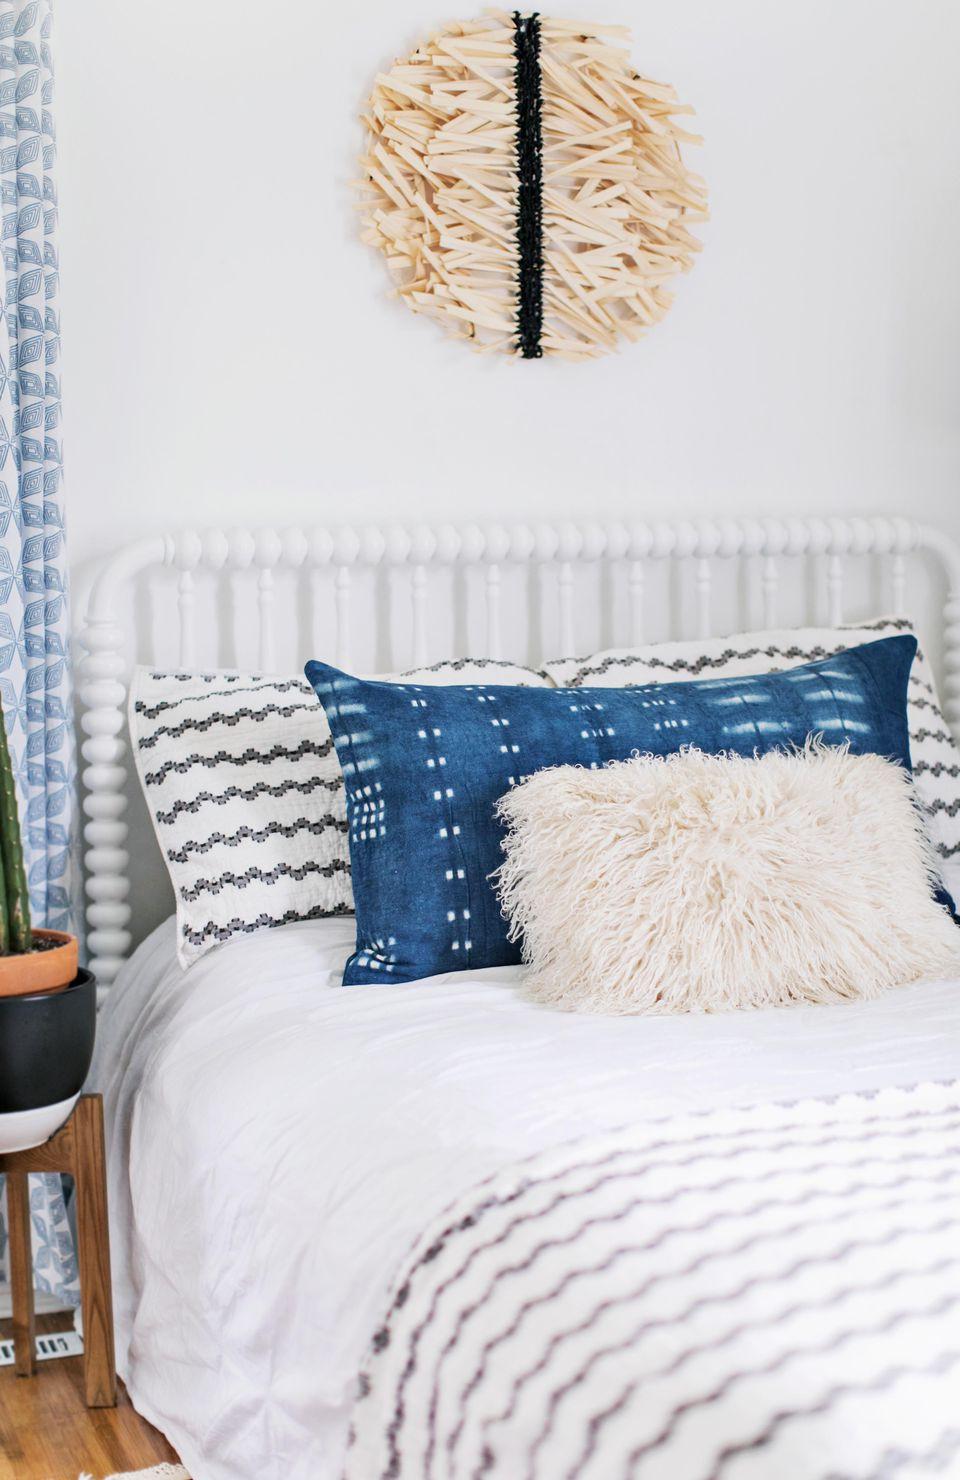 Diy Bedroom Decor It Yourself 24 Diys to Update Your Bedroom